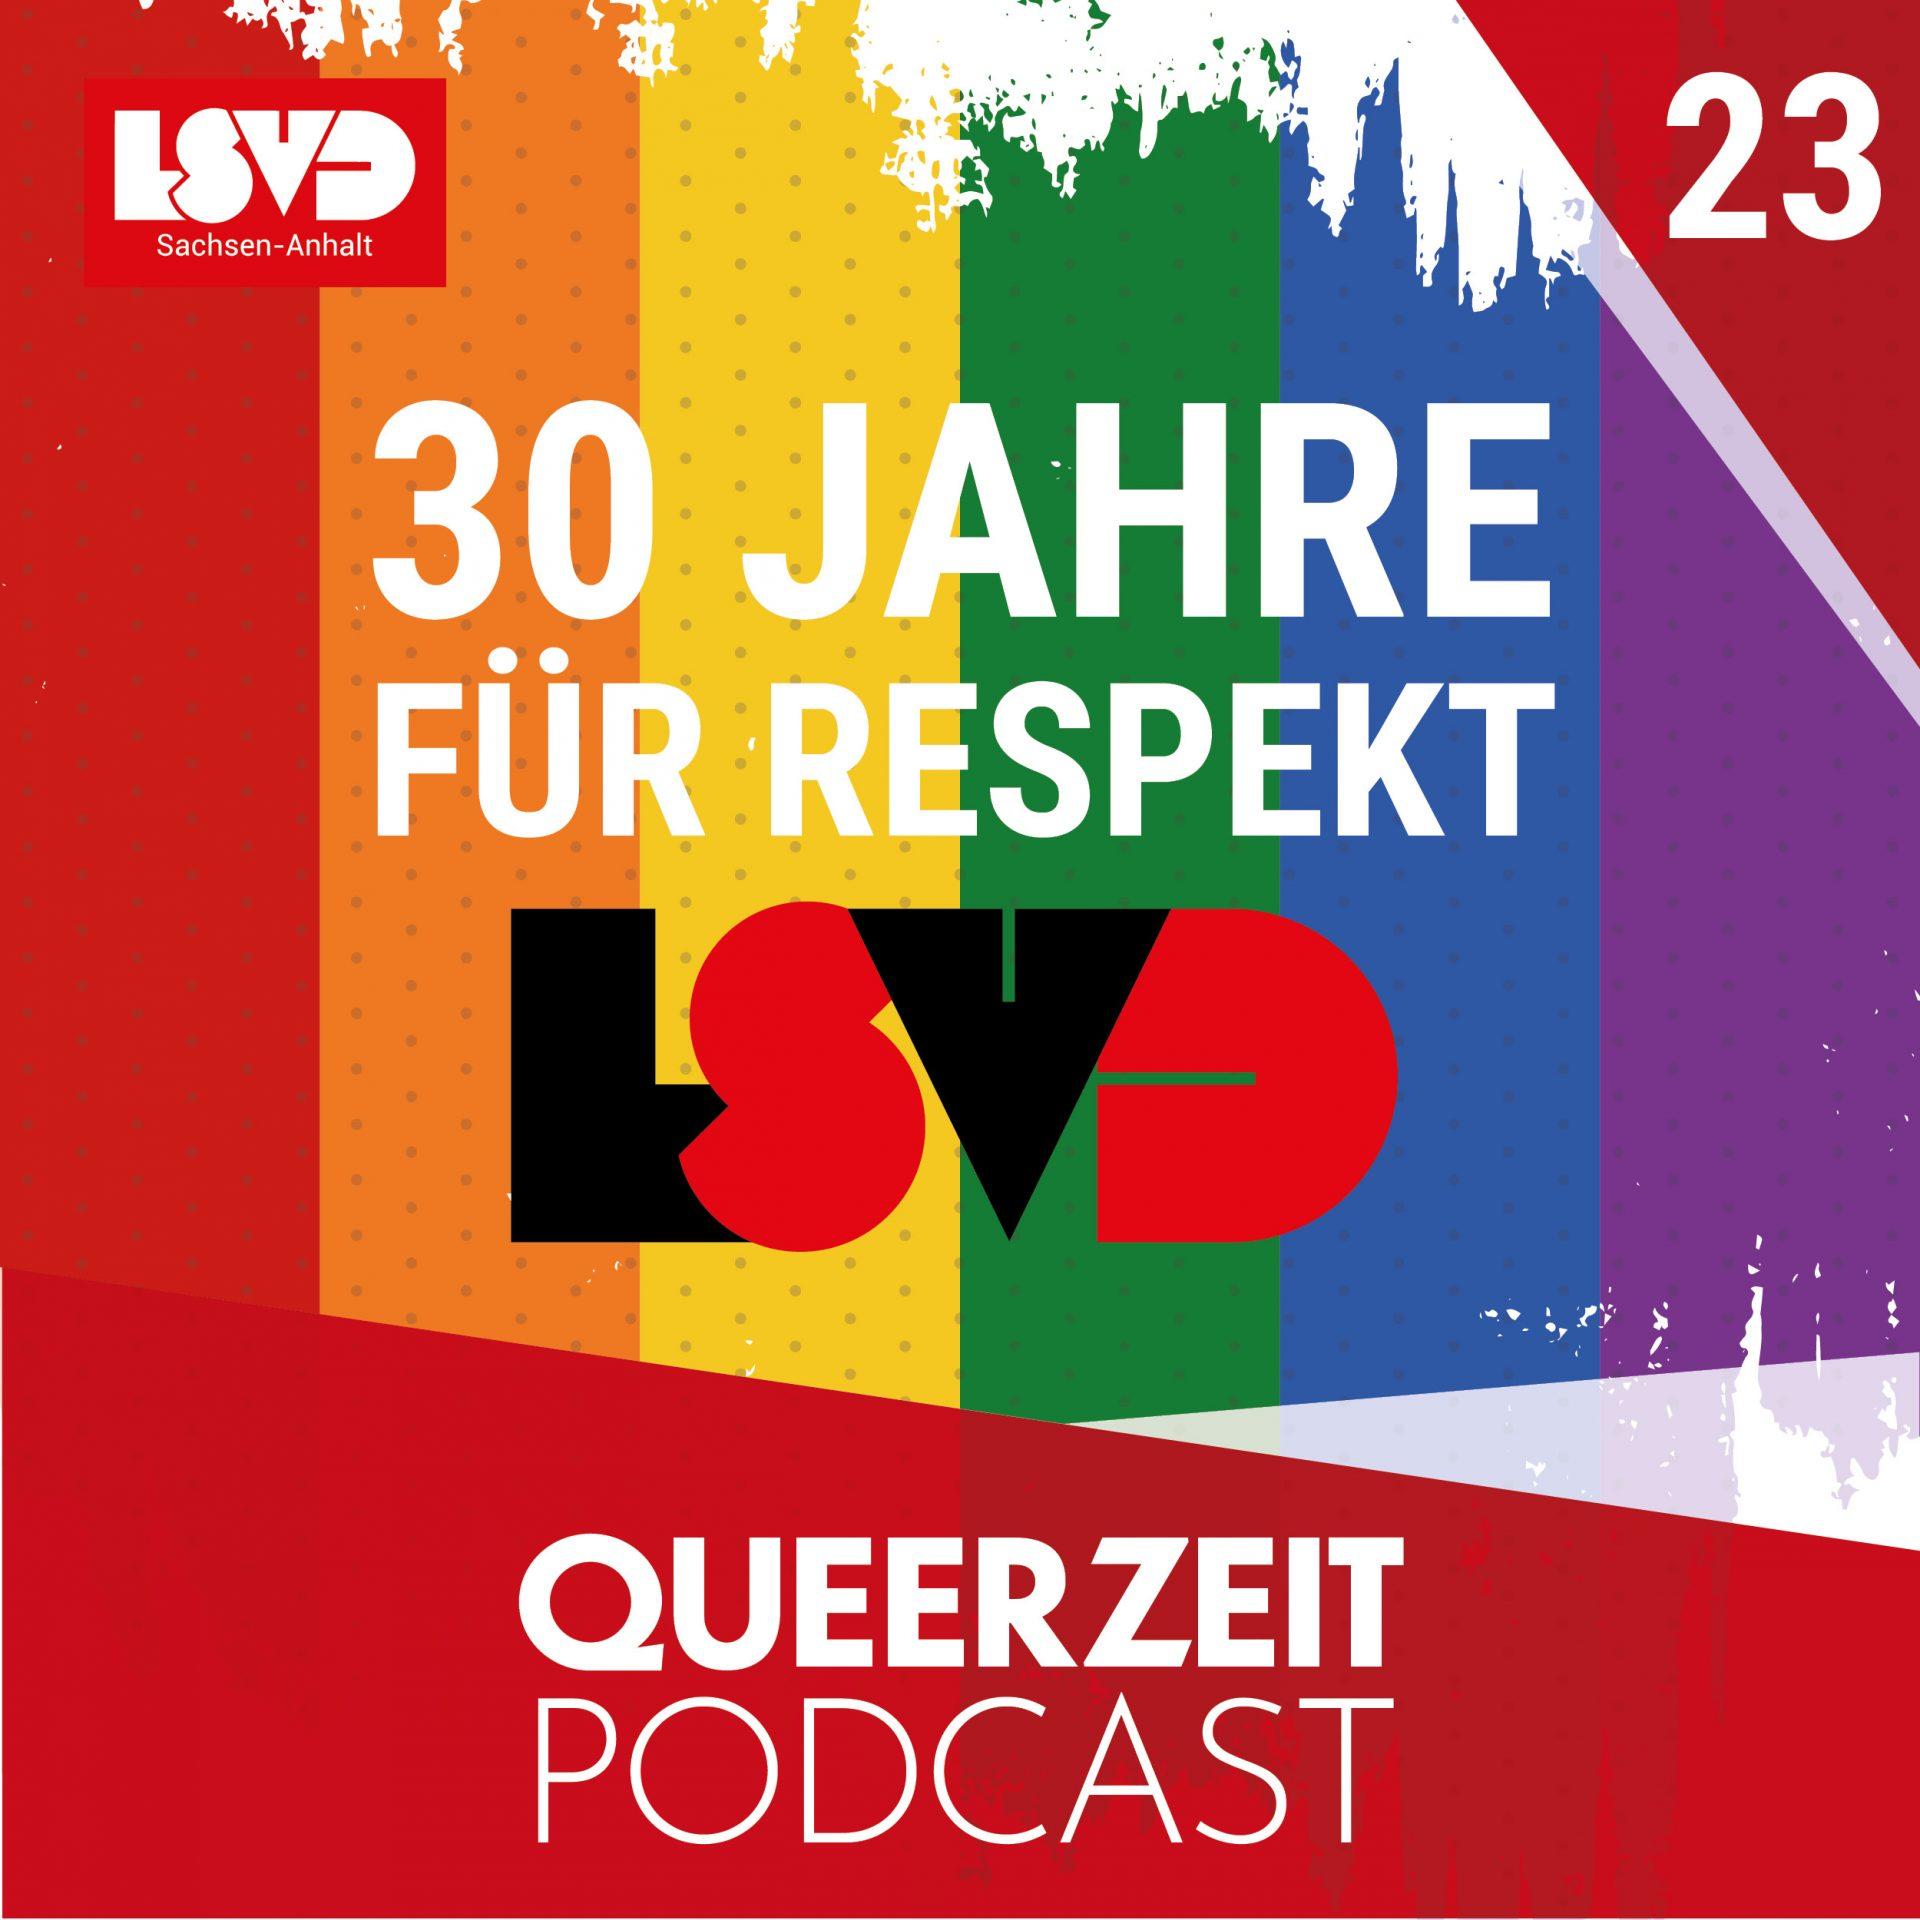 Queerzeit #23 – 30 Jahre Respekt